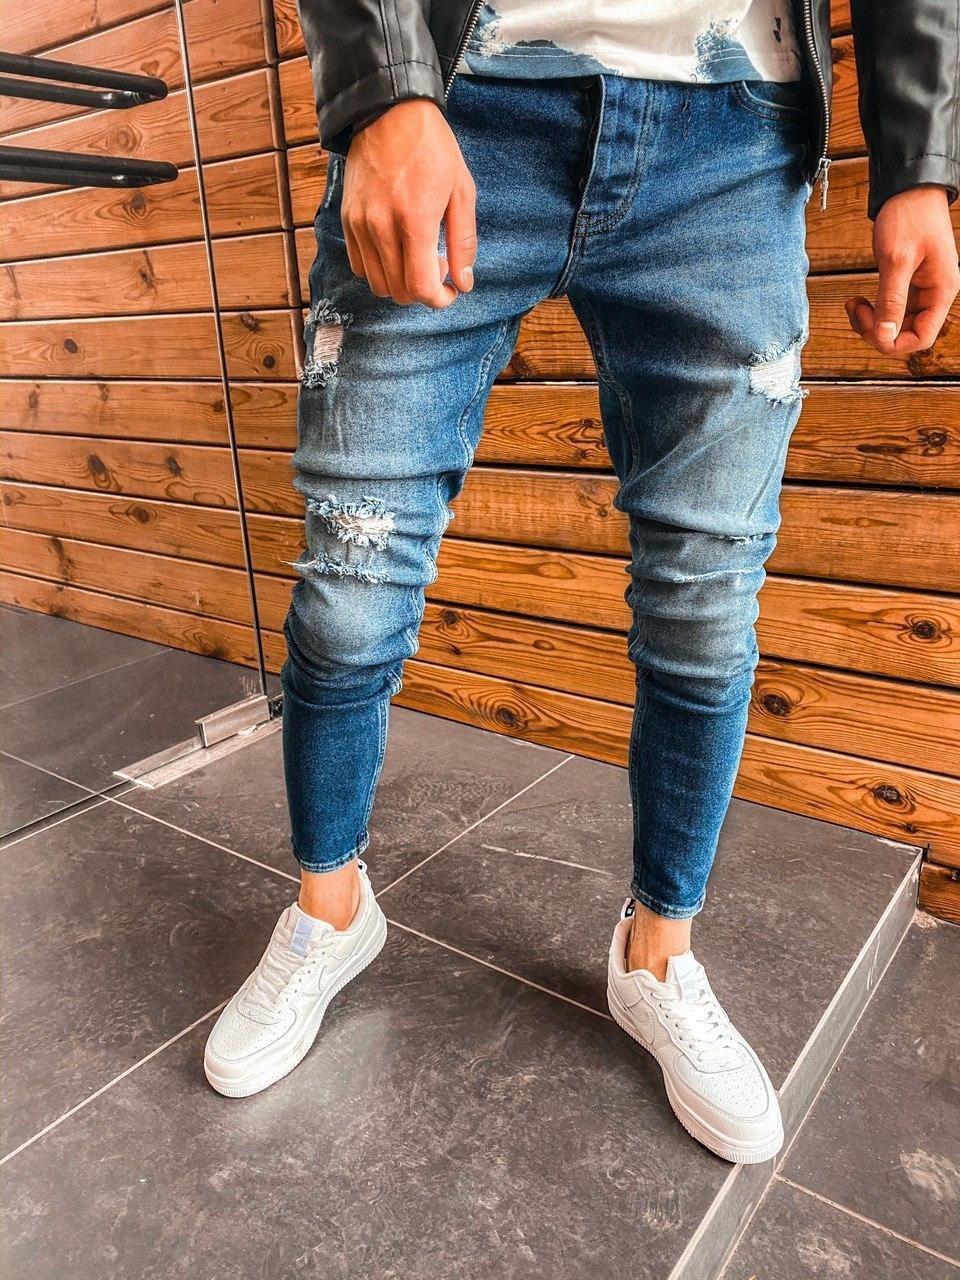 Джинсы - мужские синие джинсы на лето с рваными и потертые